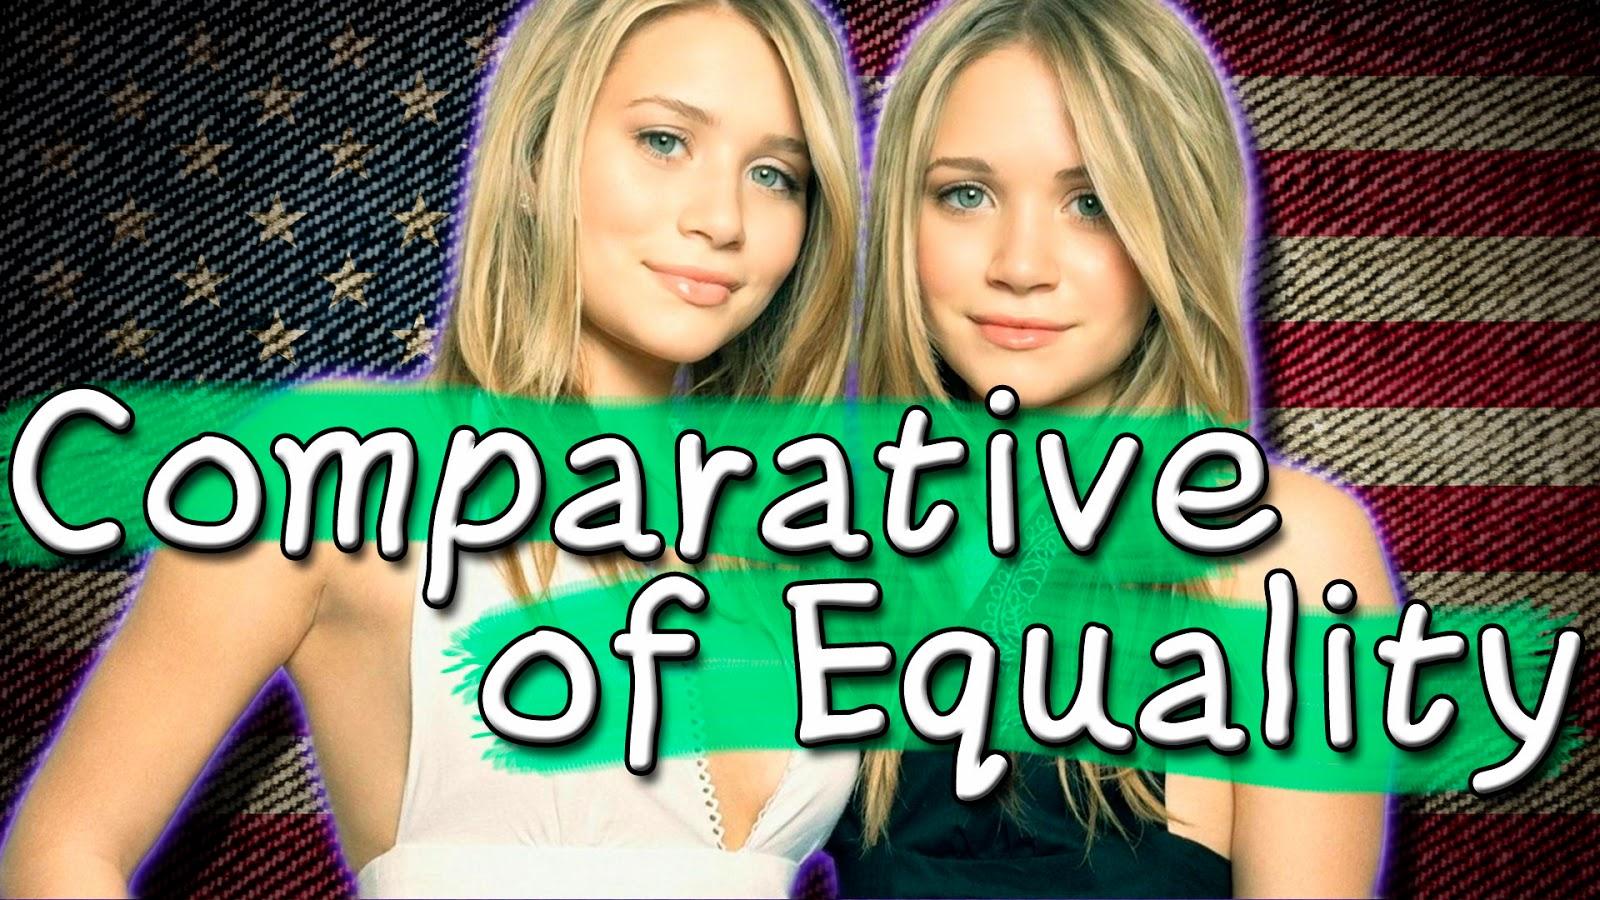 Comparative of Equality - Comparativo de Igualdade